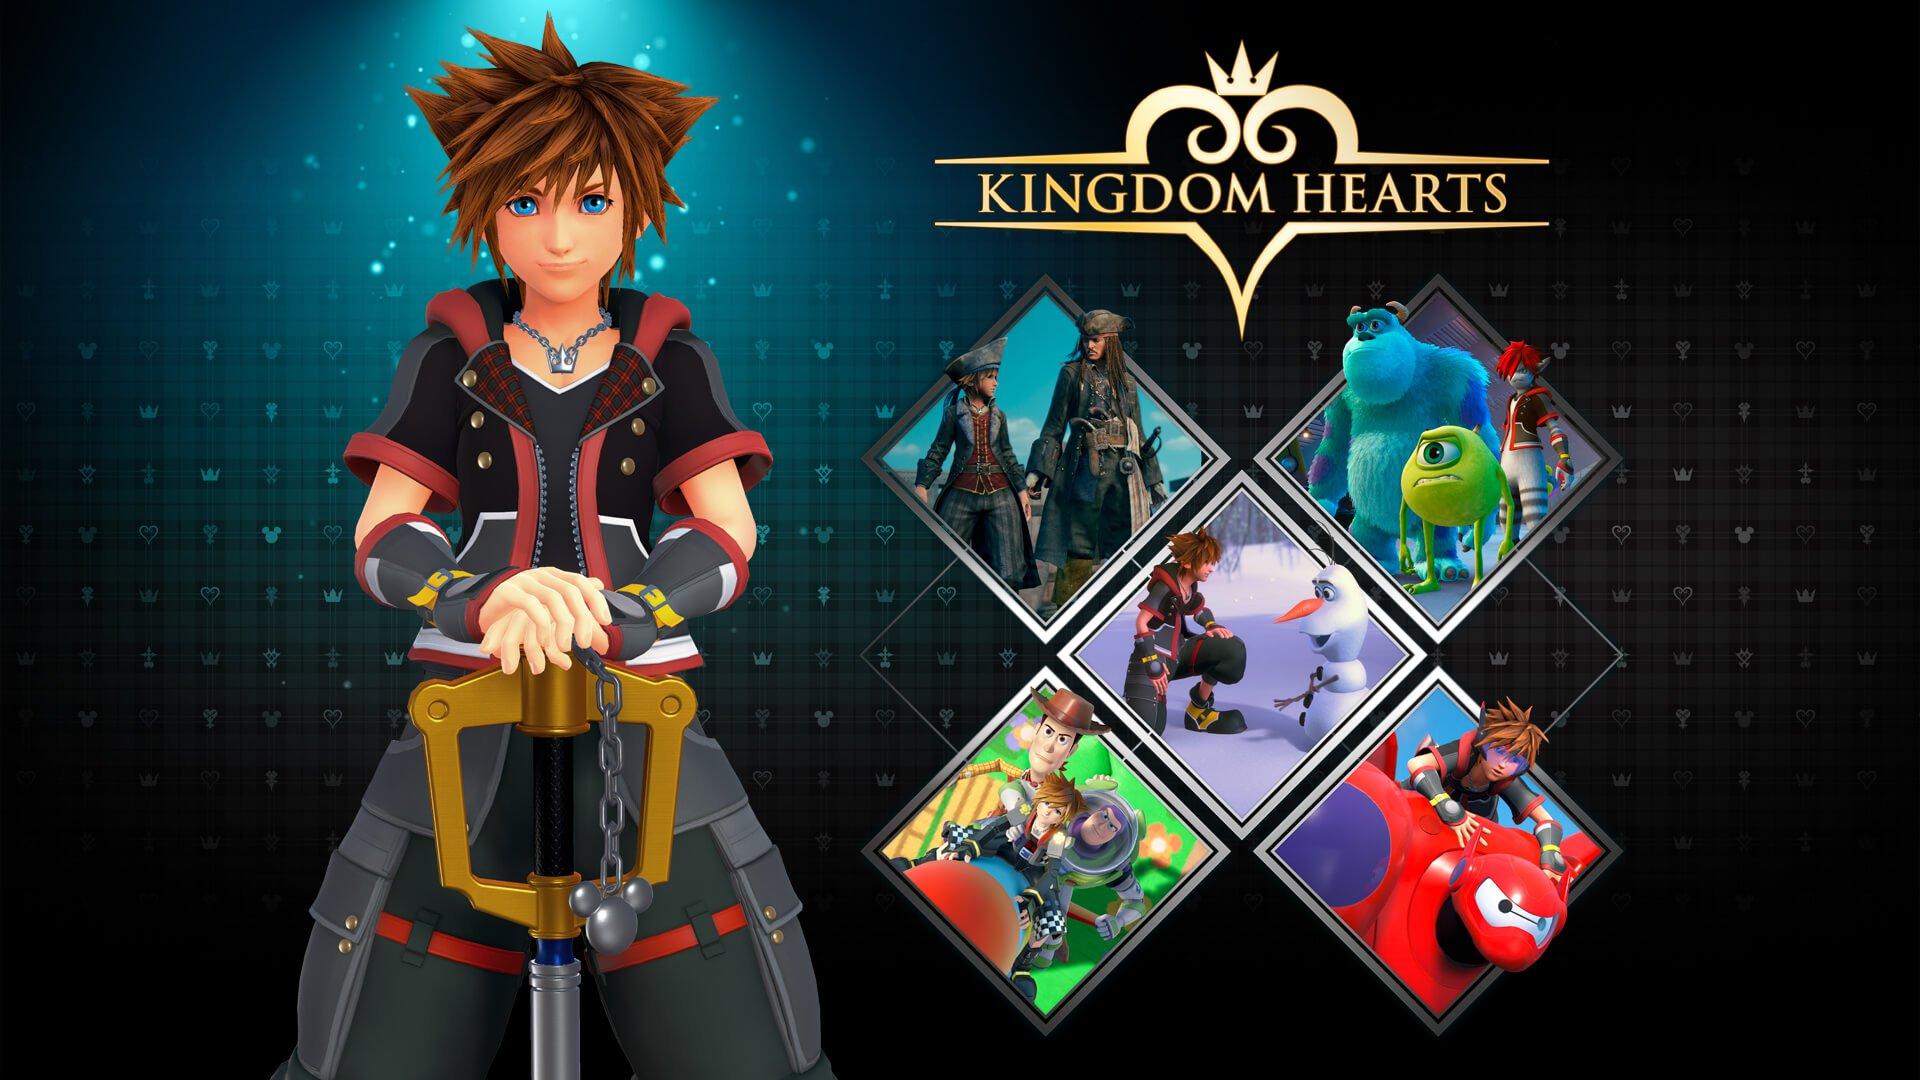 《王国之心》团队已开始准备新作 或于2022年发布